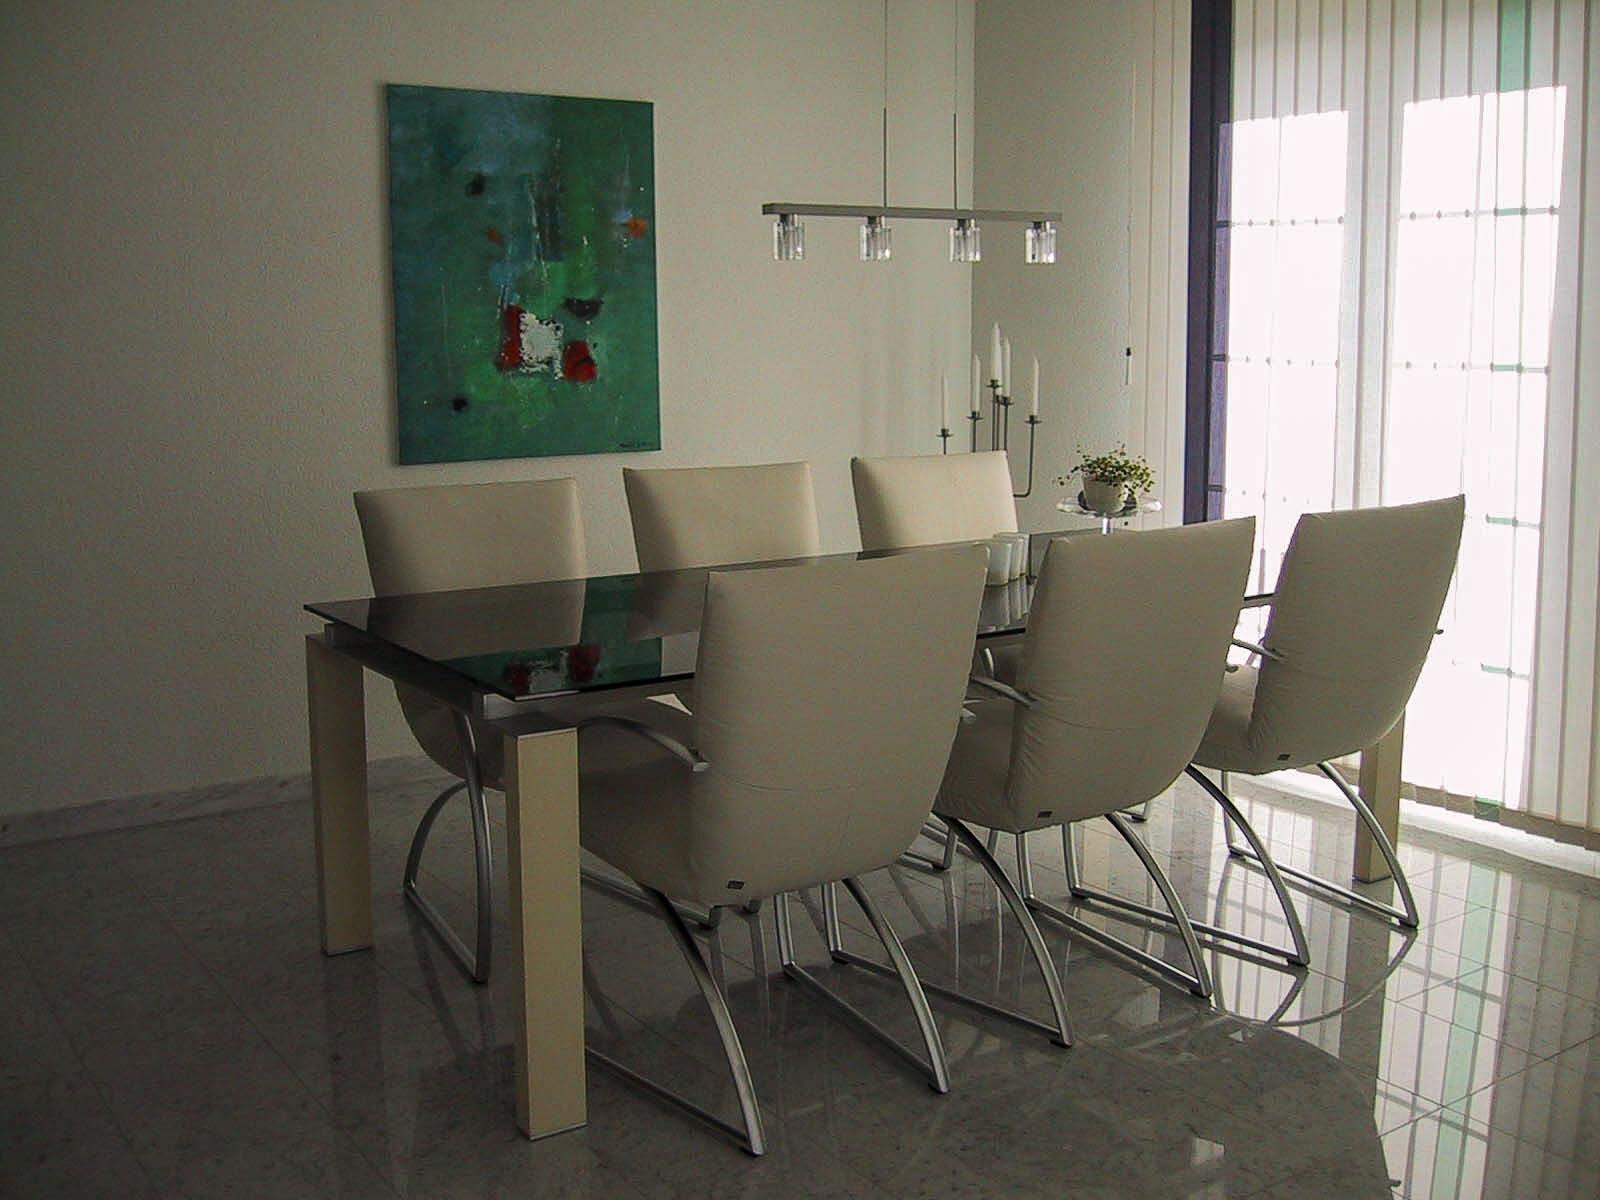 Wooddesign_Tisch_Glastisch_Glasabdeckung_Alugestell_Holz